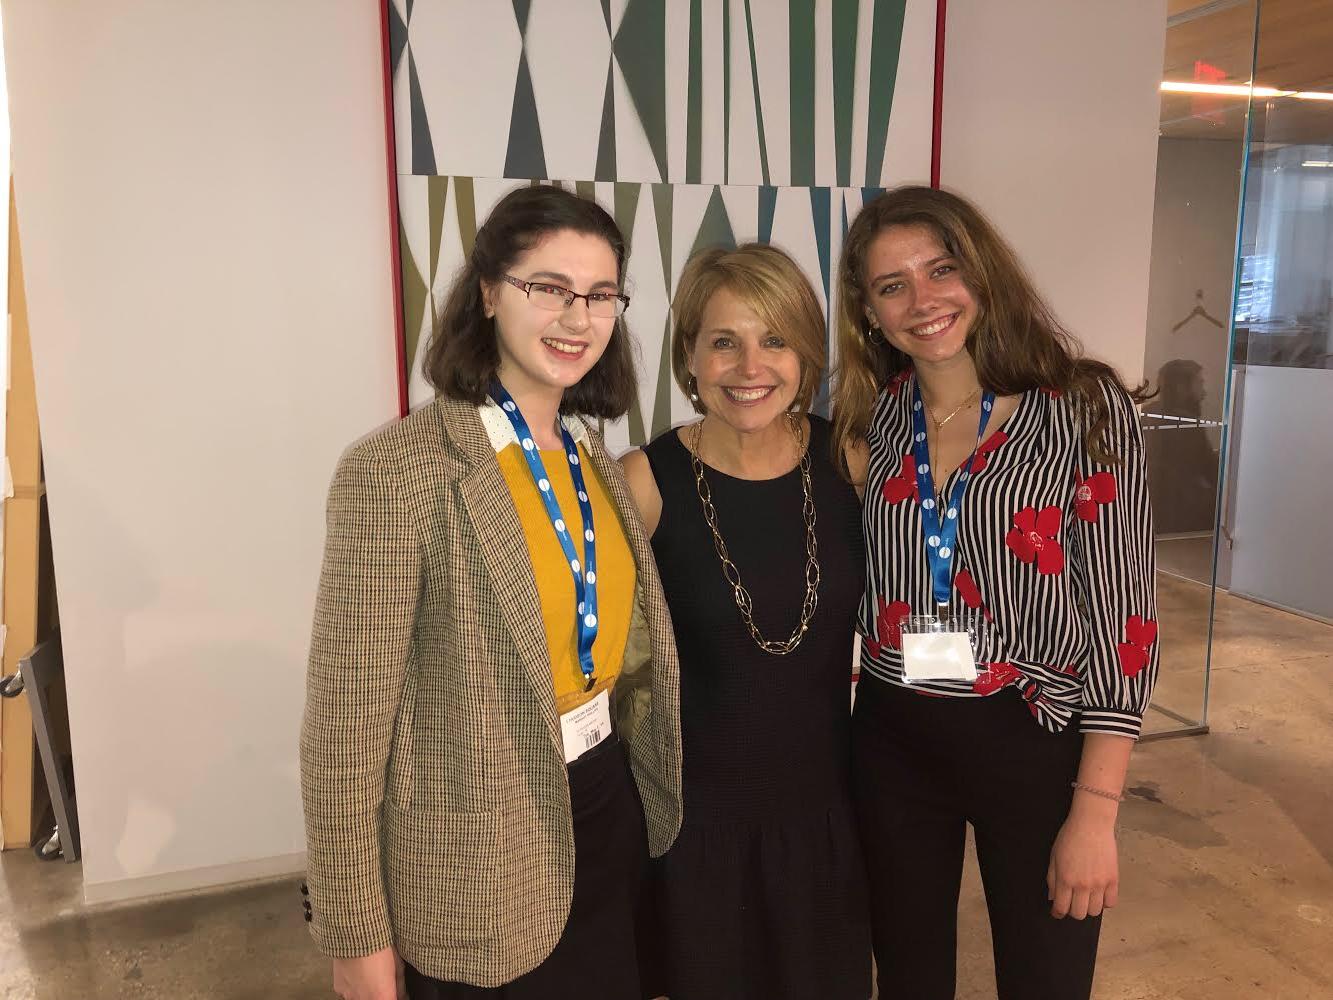 From left, Pelham Examiner  Literary Editor Margot Phillips, Katie Couric and Pelham Examiner Assistant Managing Editor Charlotte Howard.